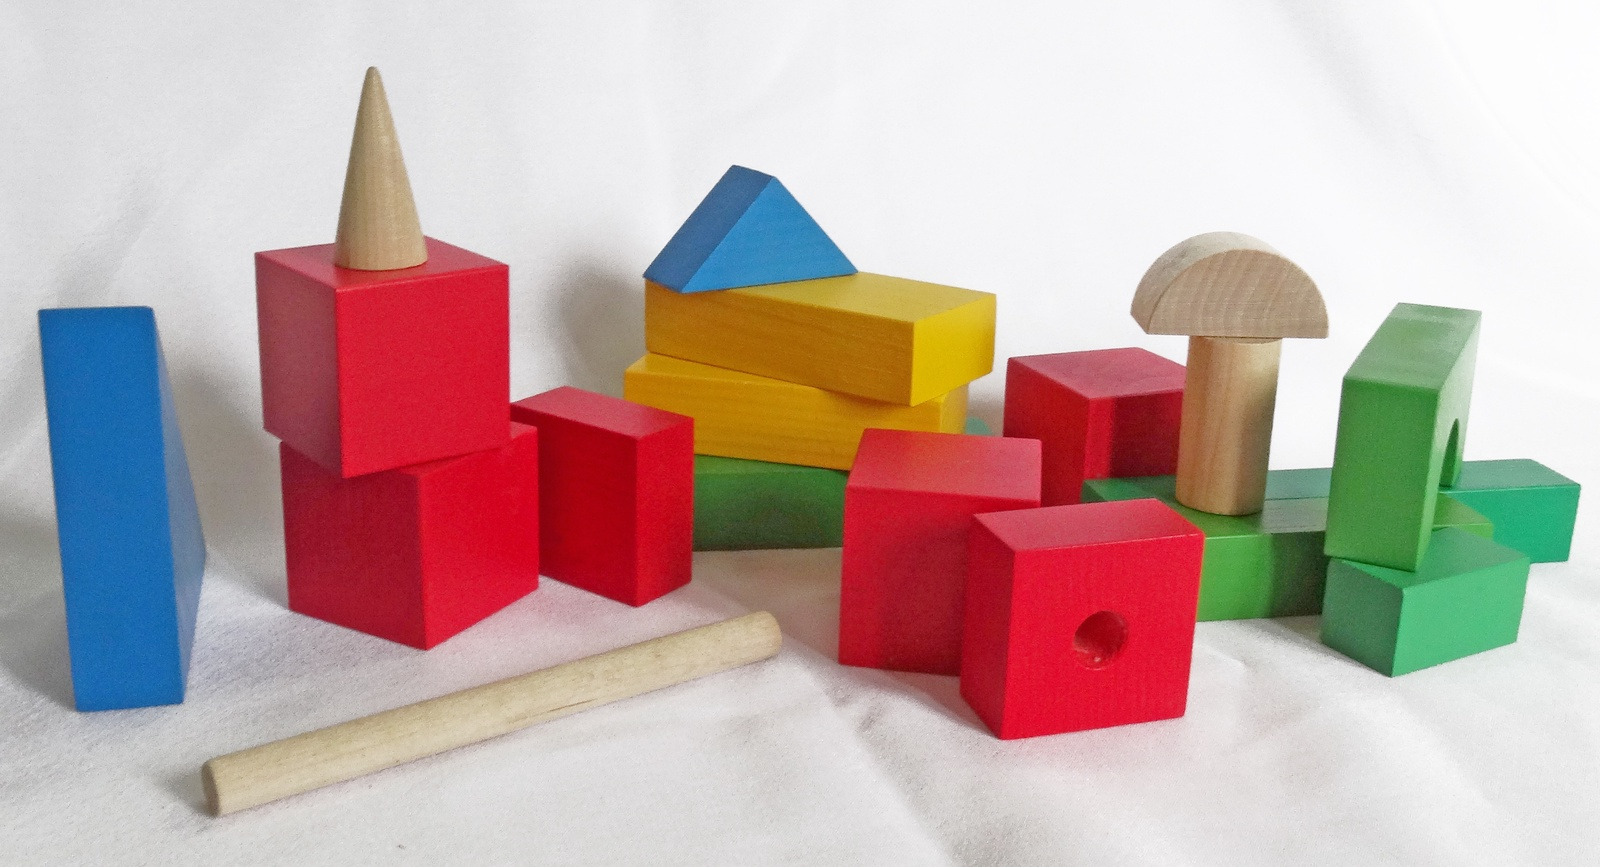 Развивающая игрушка Конструктор детский настольный из дерева СТРОИТЕЛЬ - 34 элементов красный, синий, зеленый, желтый